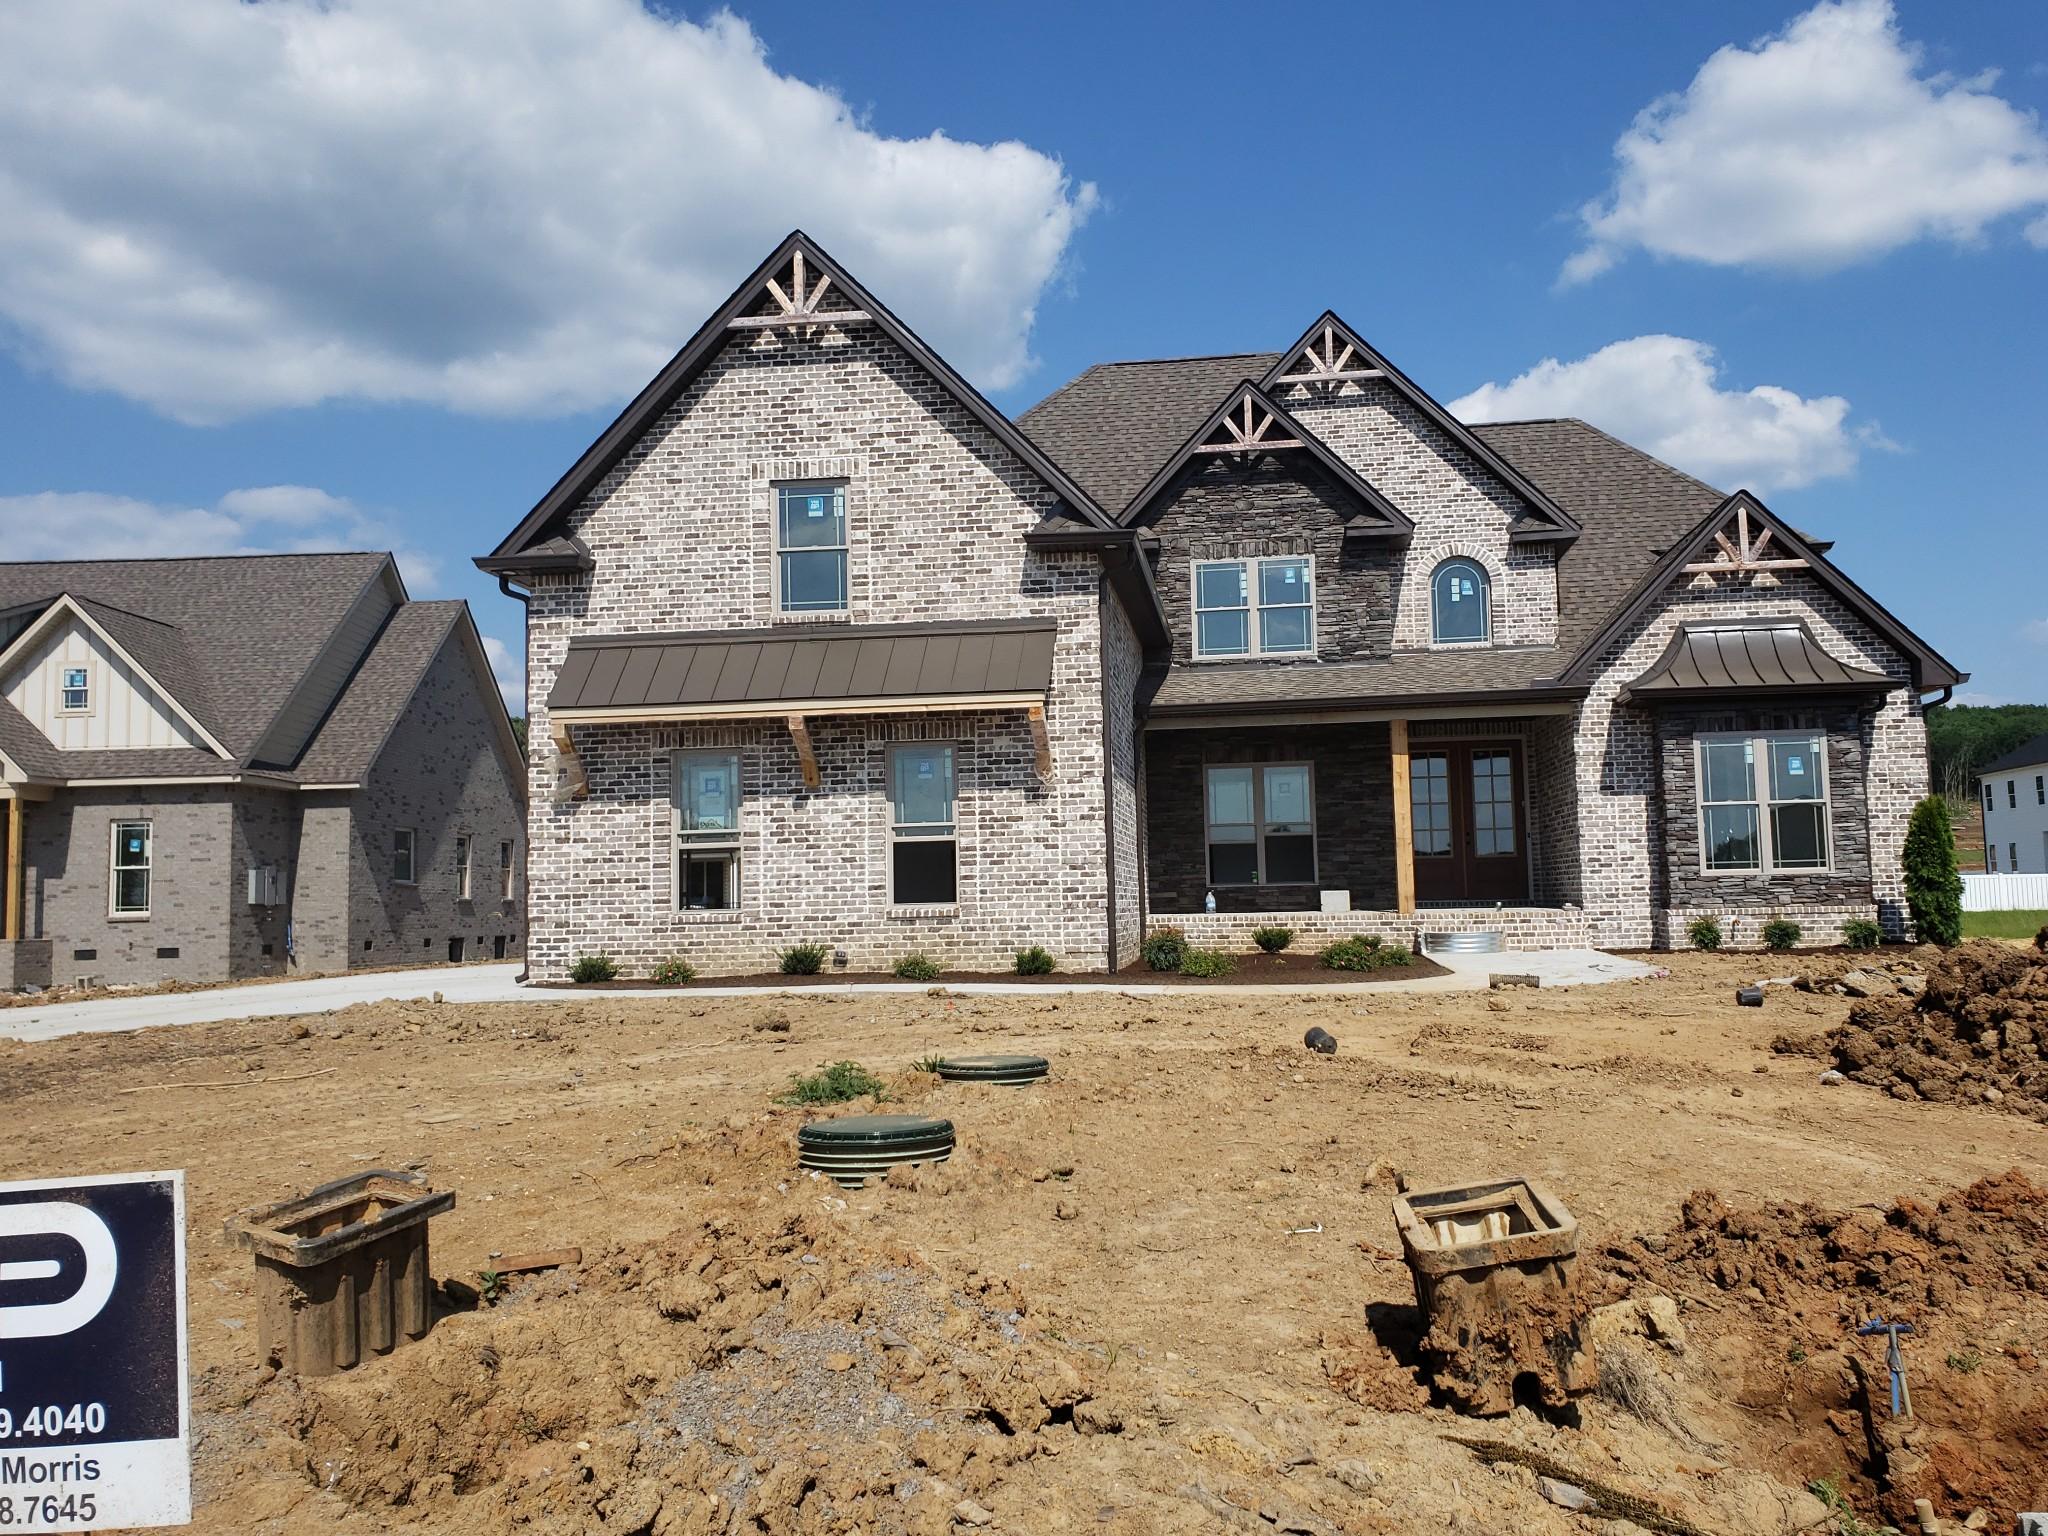 2906 Cooper City Ct, Murfreesboro, TN 37128 - Murfreesboro, TN real estate listing